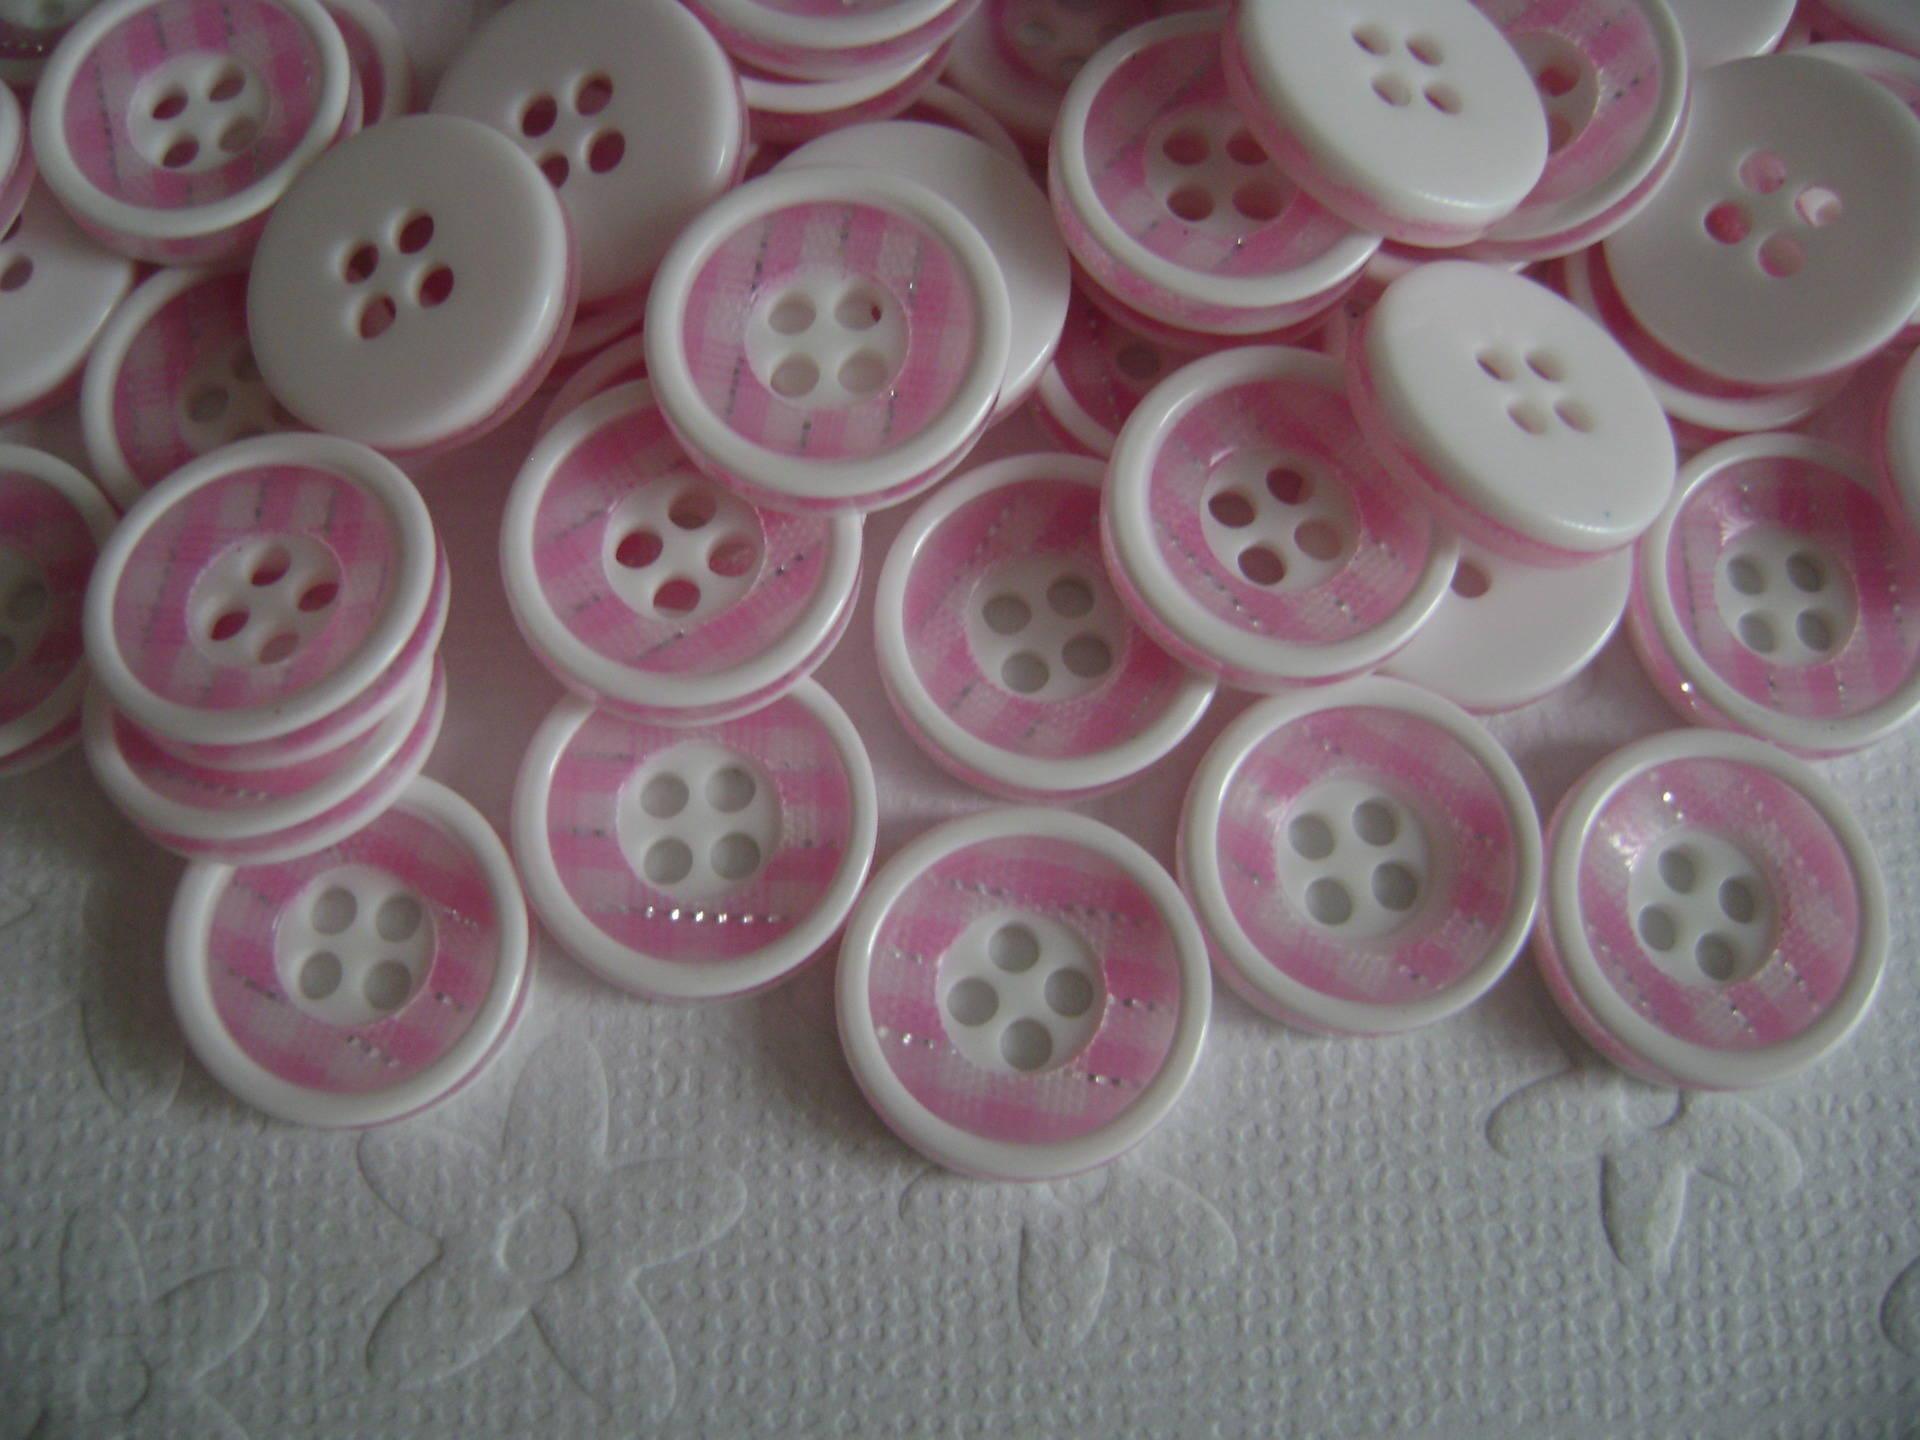 Boutons acrylique rose et blanc